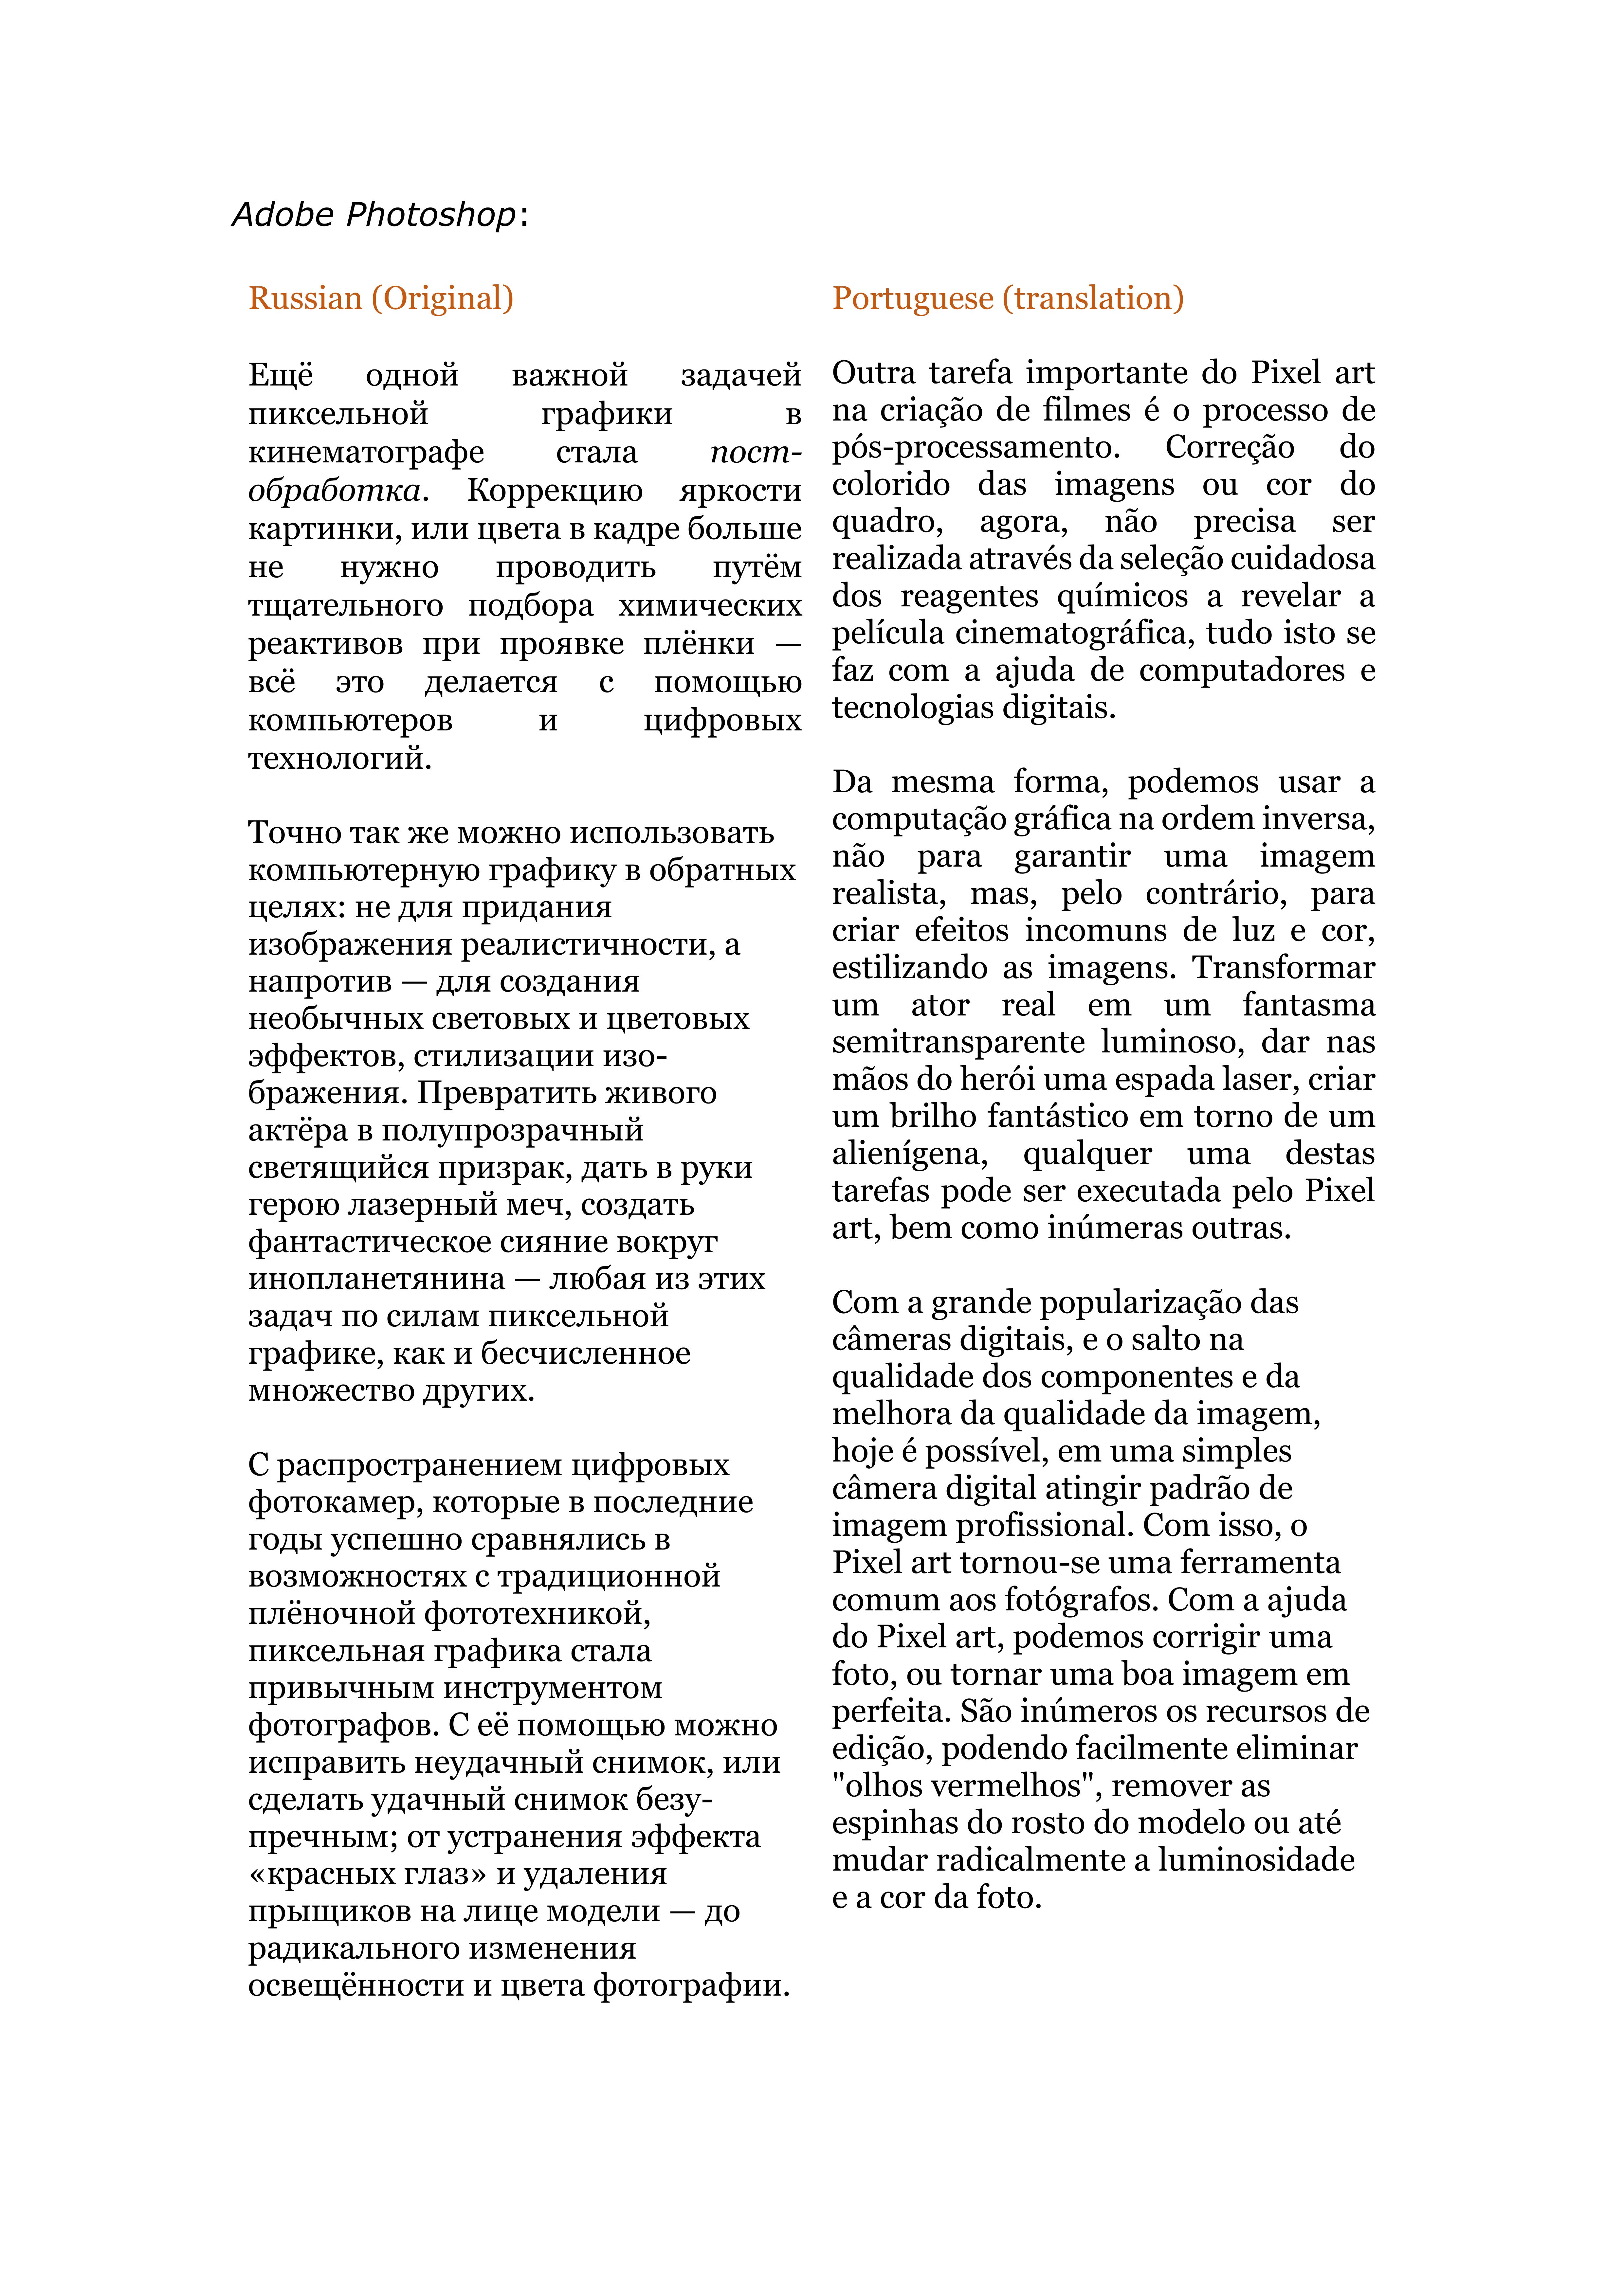 Португальский: перевод с русского, компьютерная графика